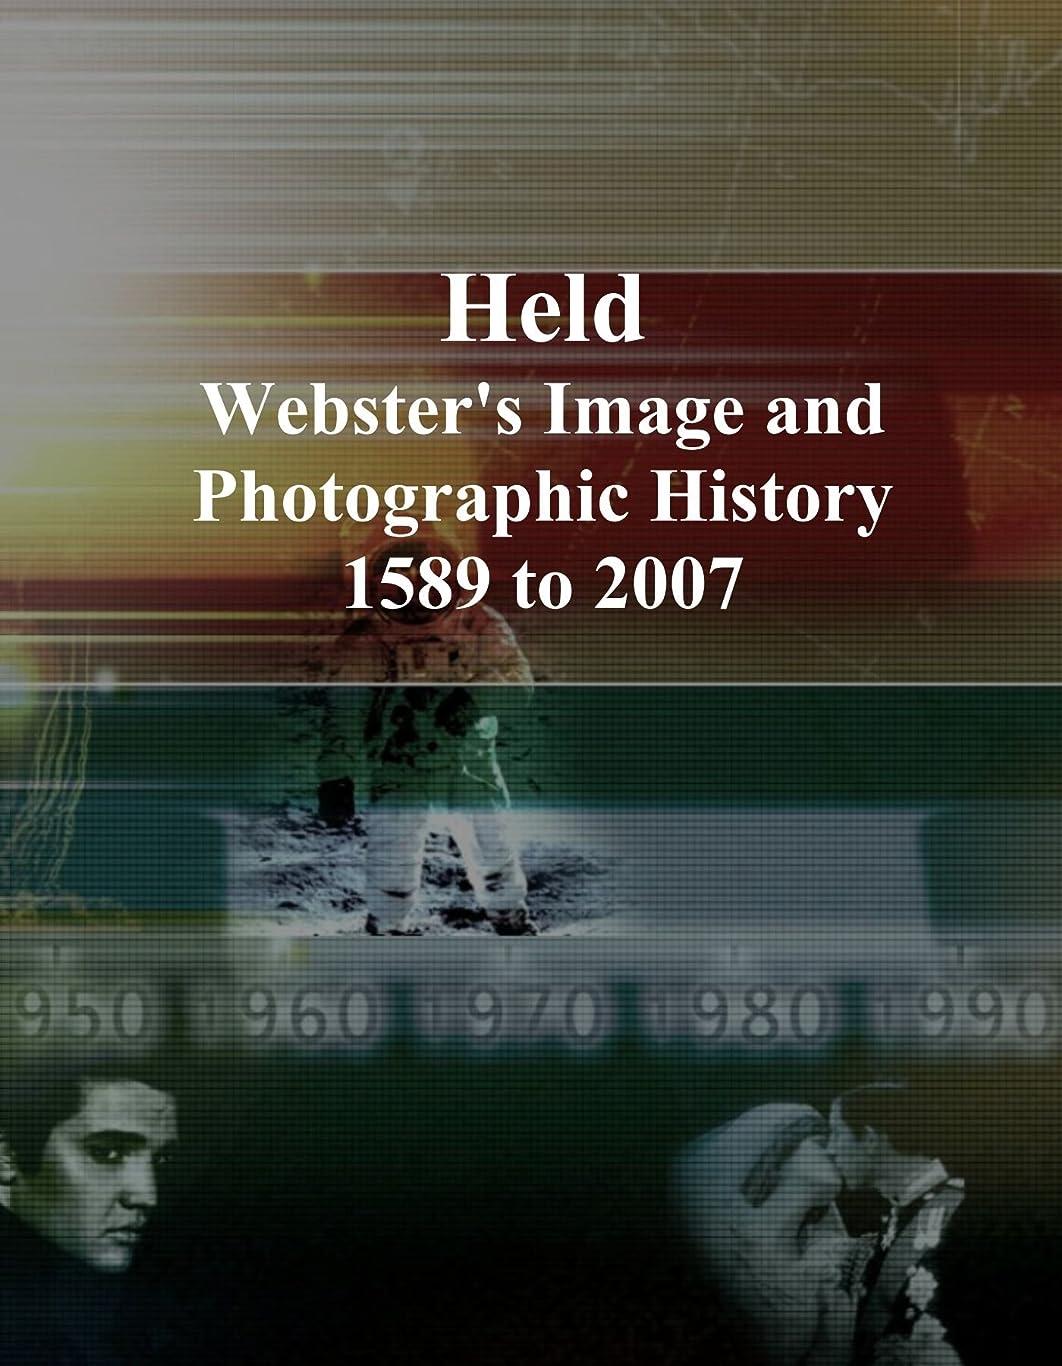 処方する不機嫌楽観的Held: Webster's Image and Photographic History, 1589 to 2007